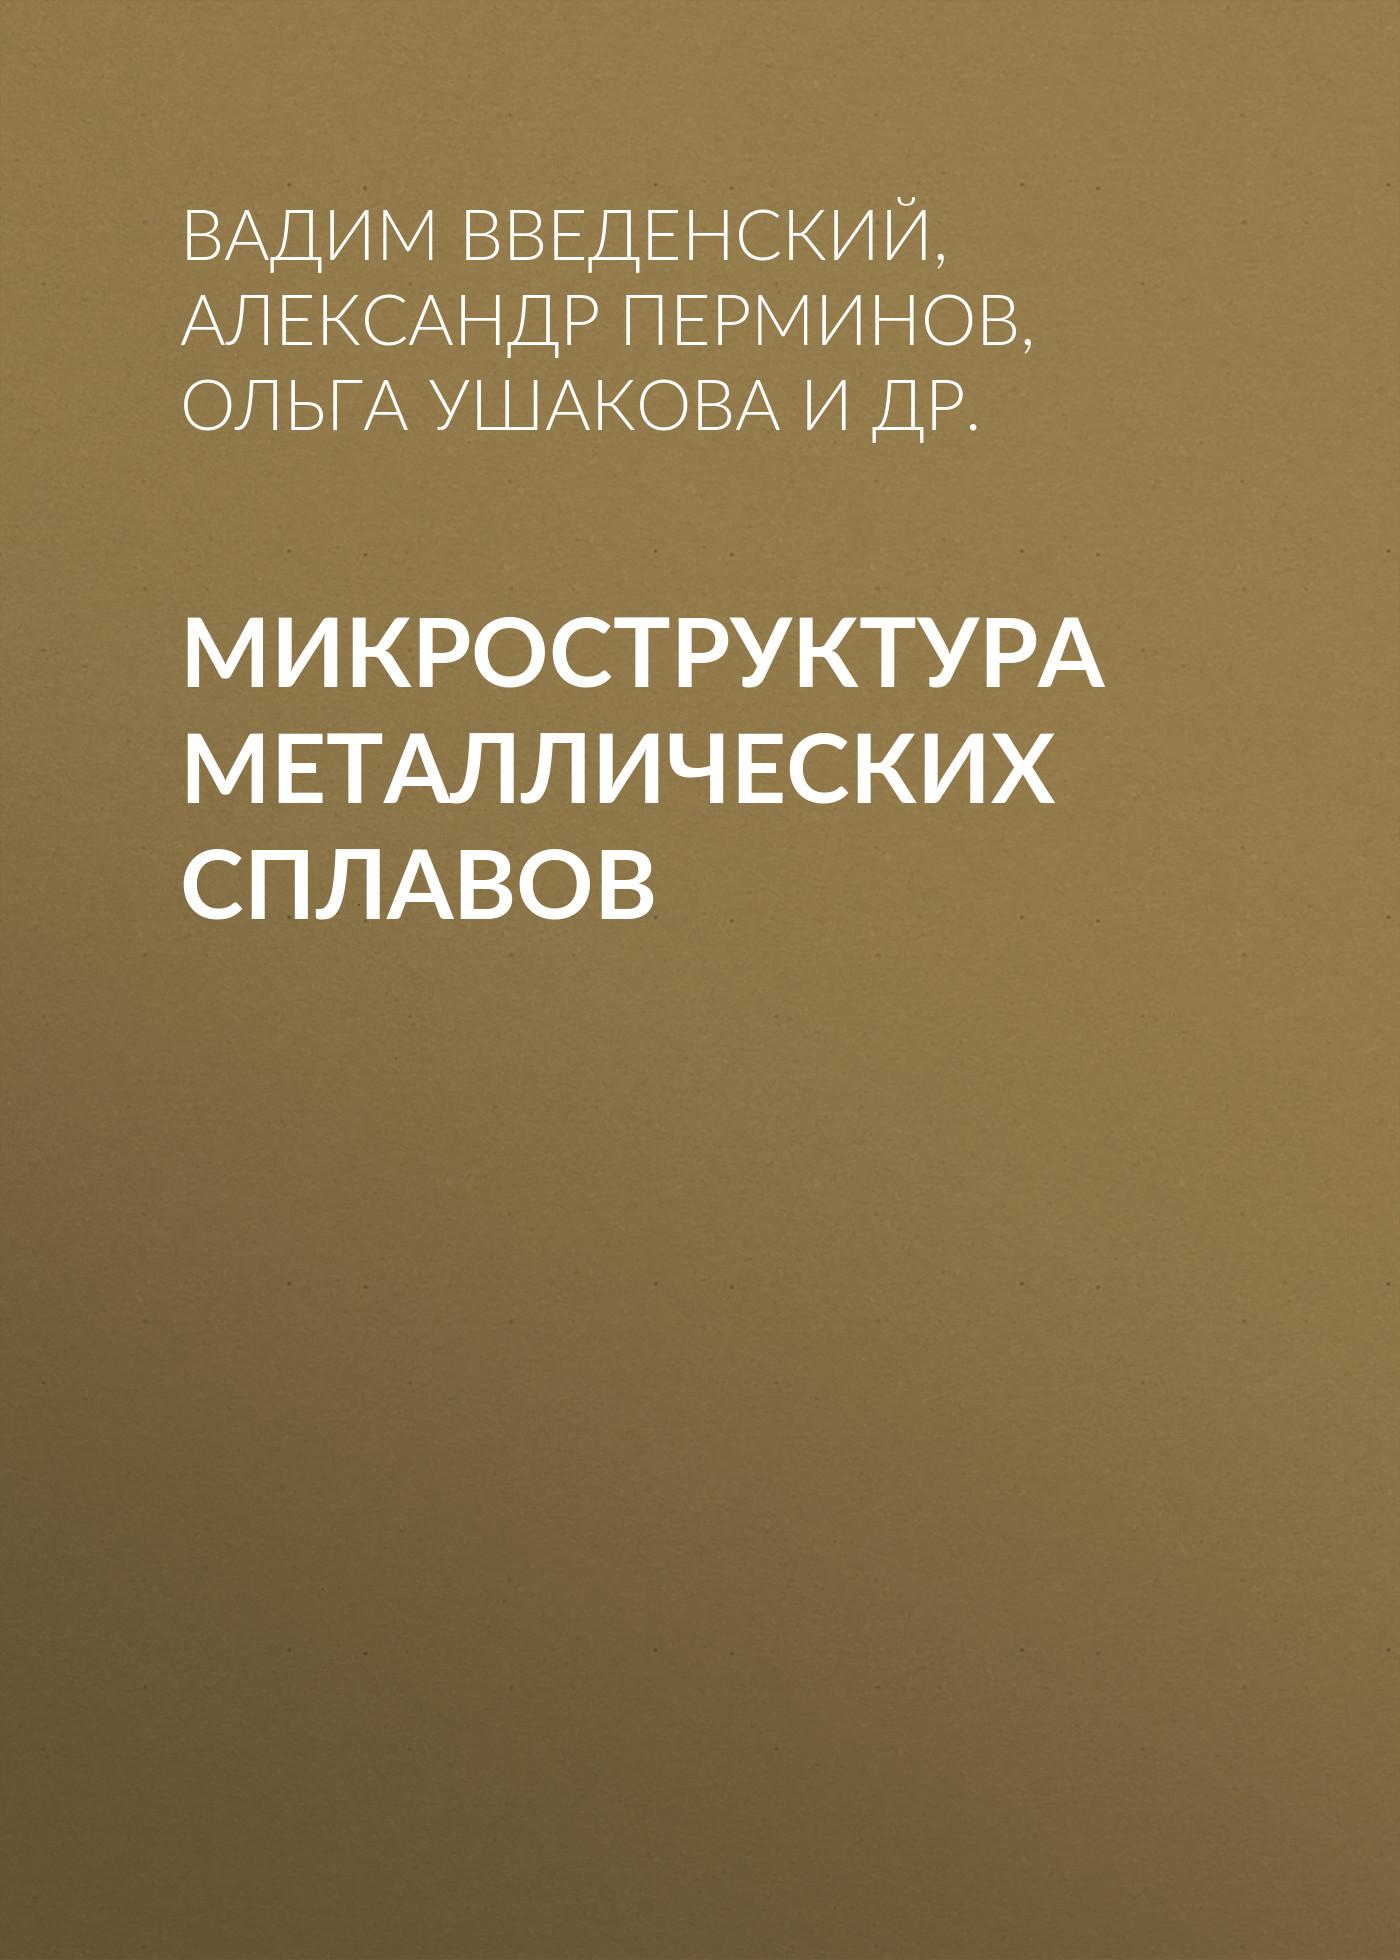 Вадим Введенский Микроструктура металлических сплавов николай белов фазовый состав алюминиевых сплавов